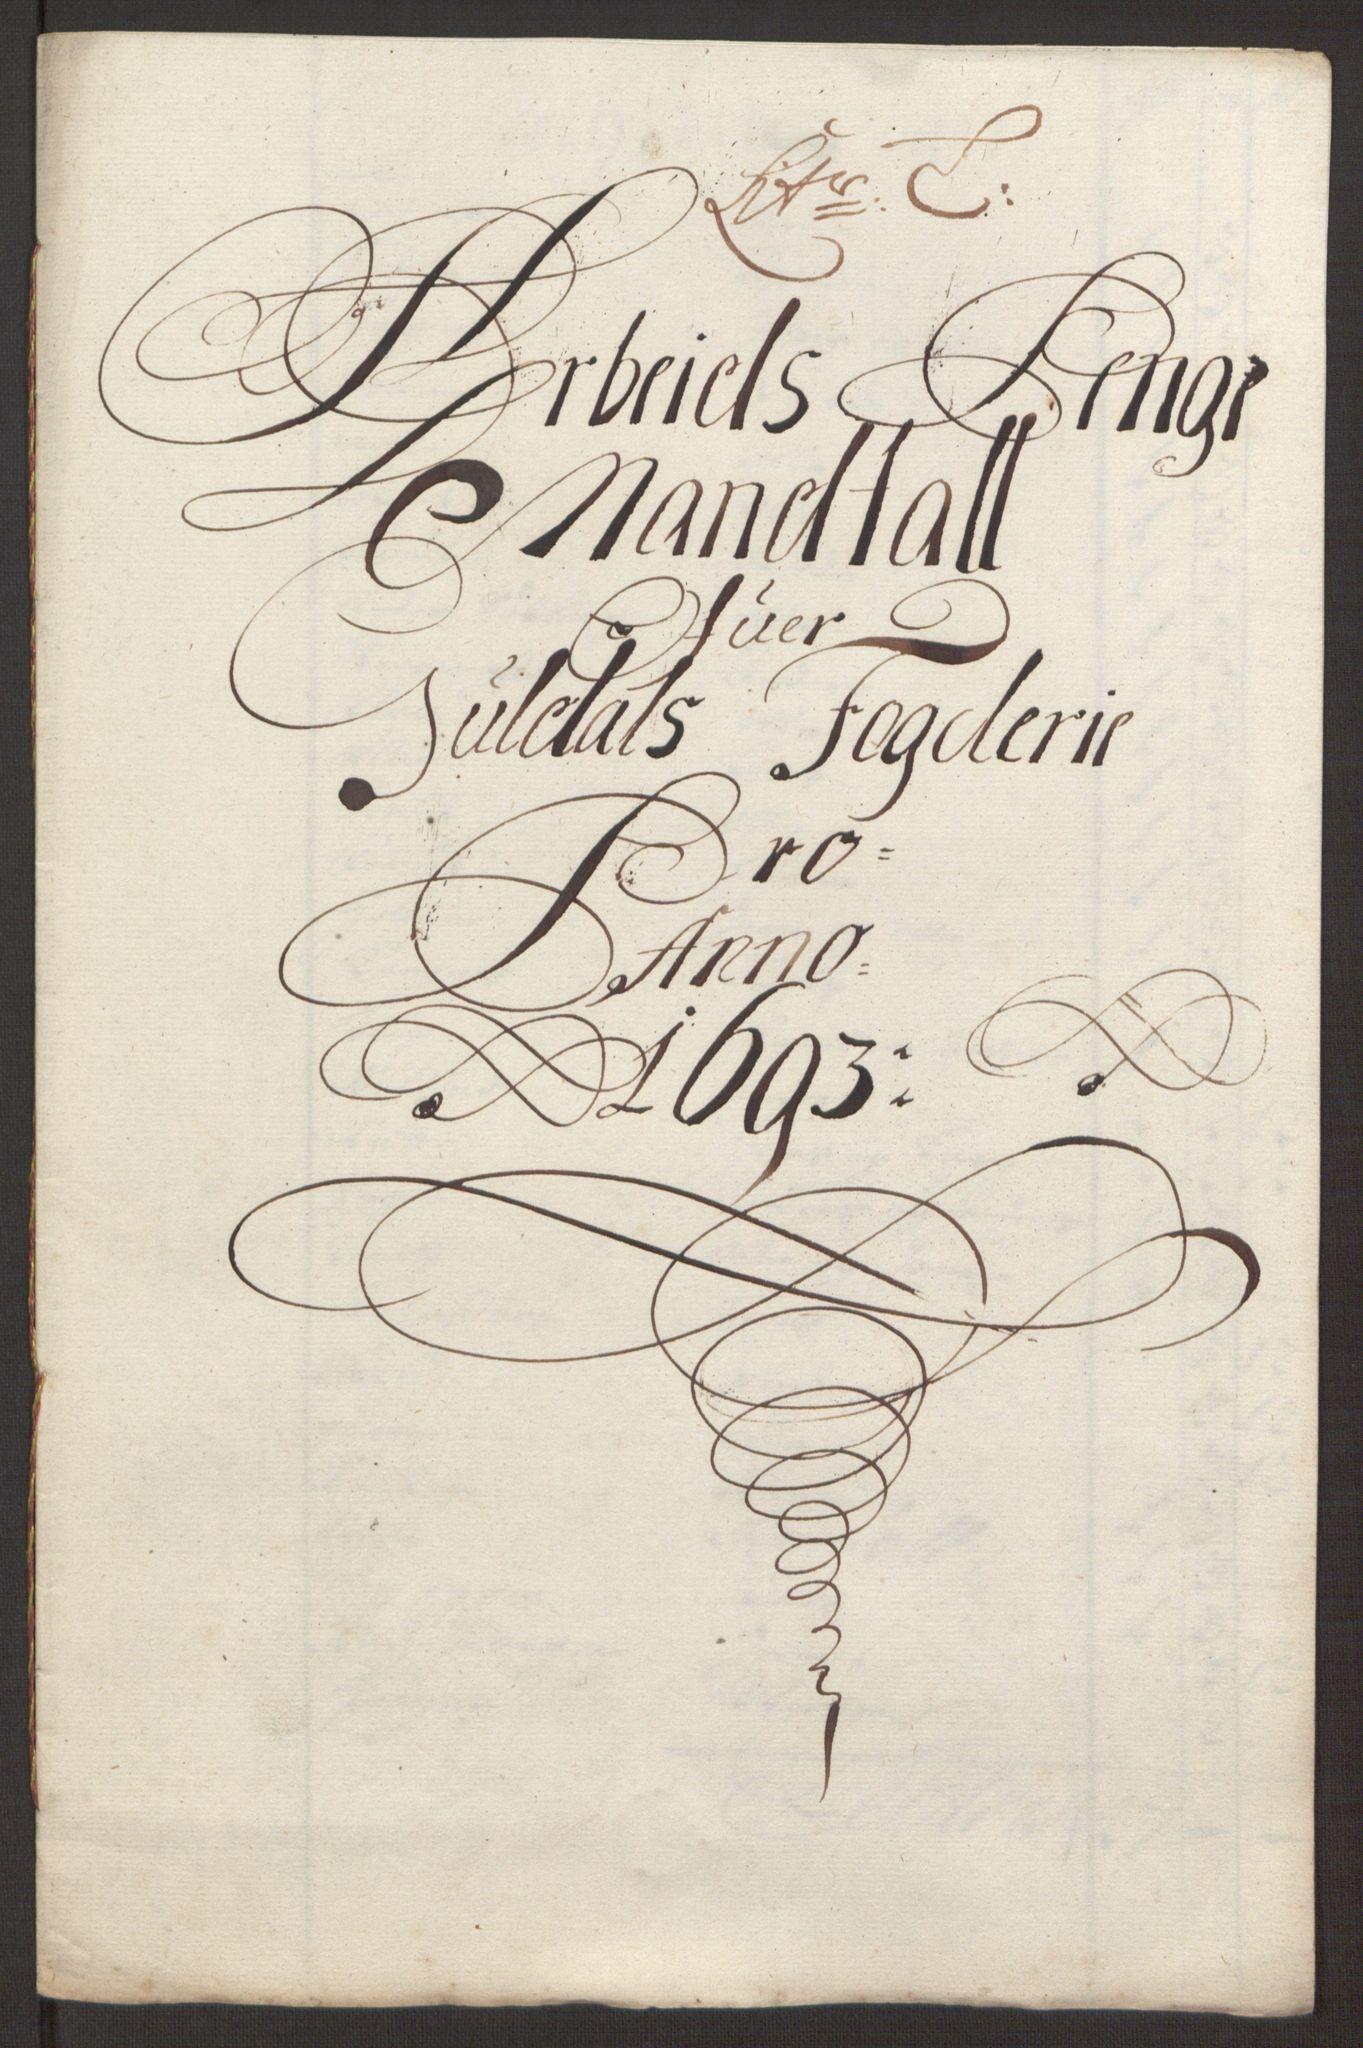 RA, Rentekammeret inntil 1814, Reviderte regnskaper, Fogderegnskap, R59/L3943: Fogderegnskap Gauldal, 1693, s. 139